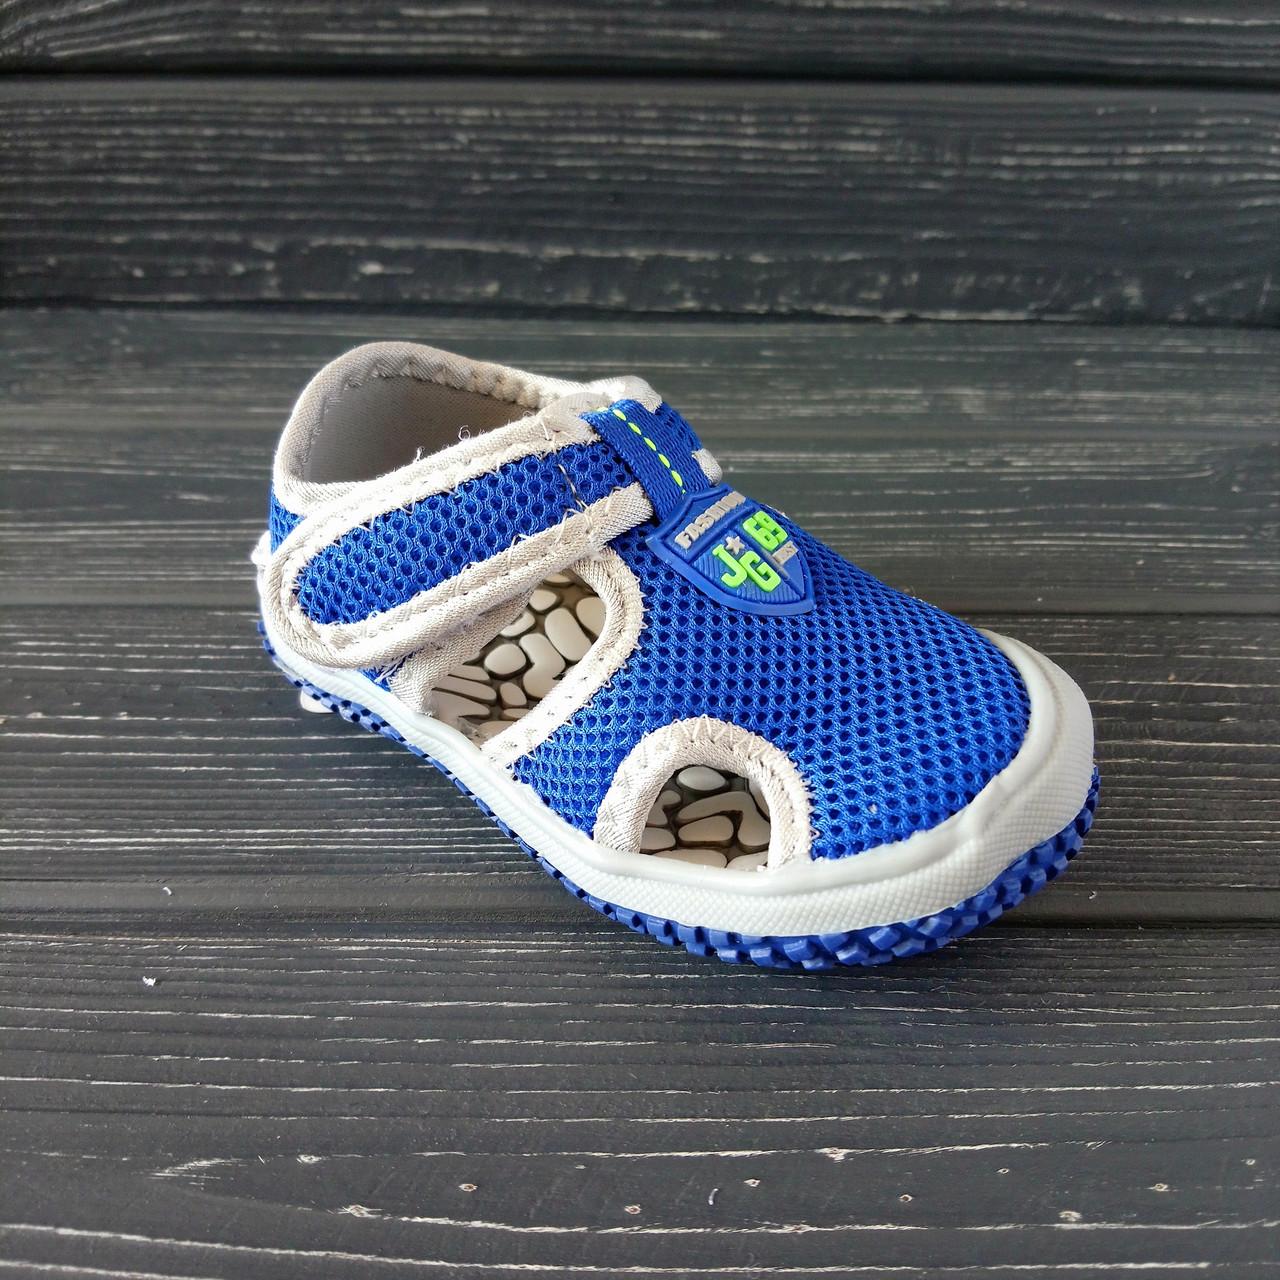 Сандалии с защитой носка мальчикам, р. 23, 27, 28, 30. Синие, текстильные, закрытые босоножки